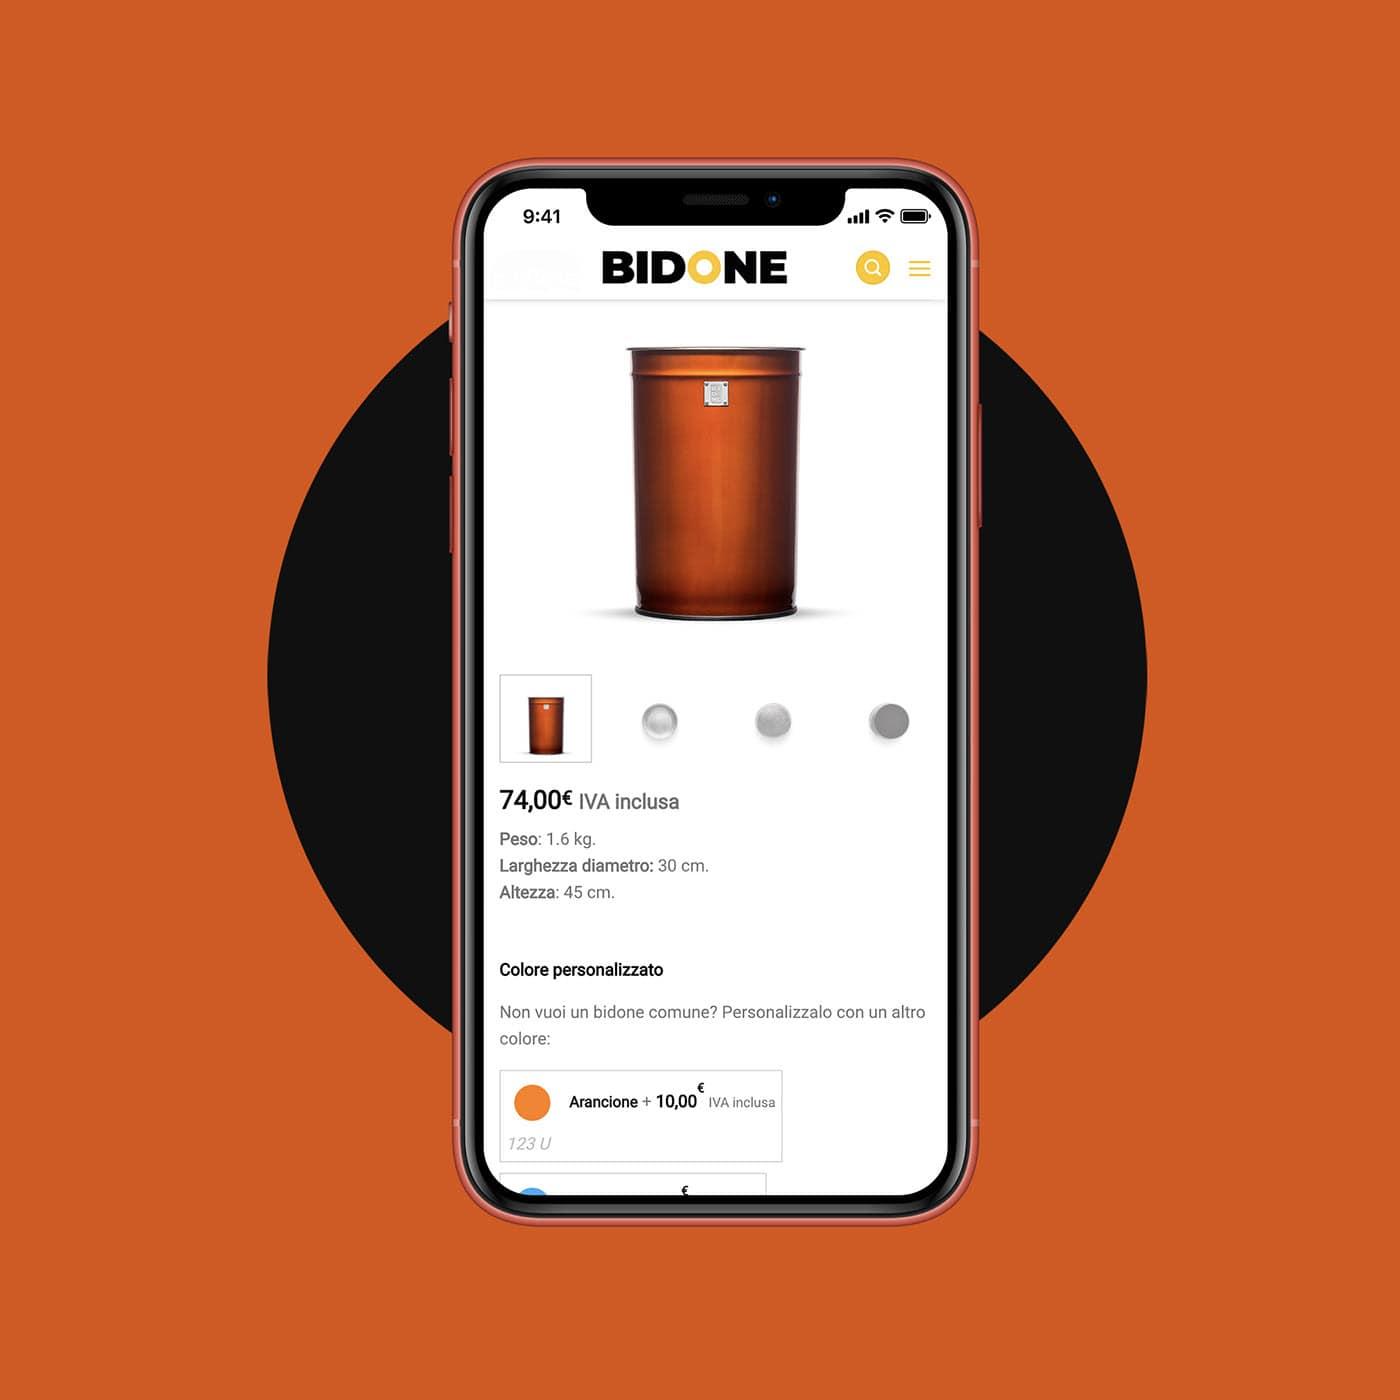 Scheda prodotto Bidone da mobile